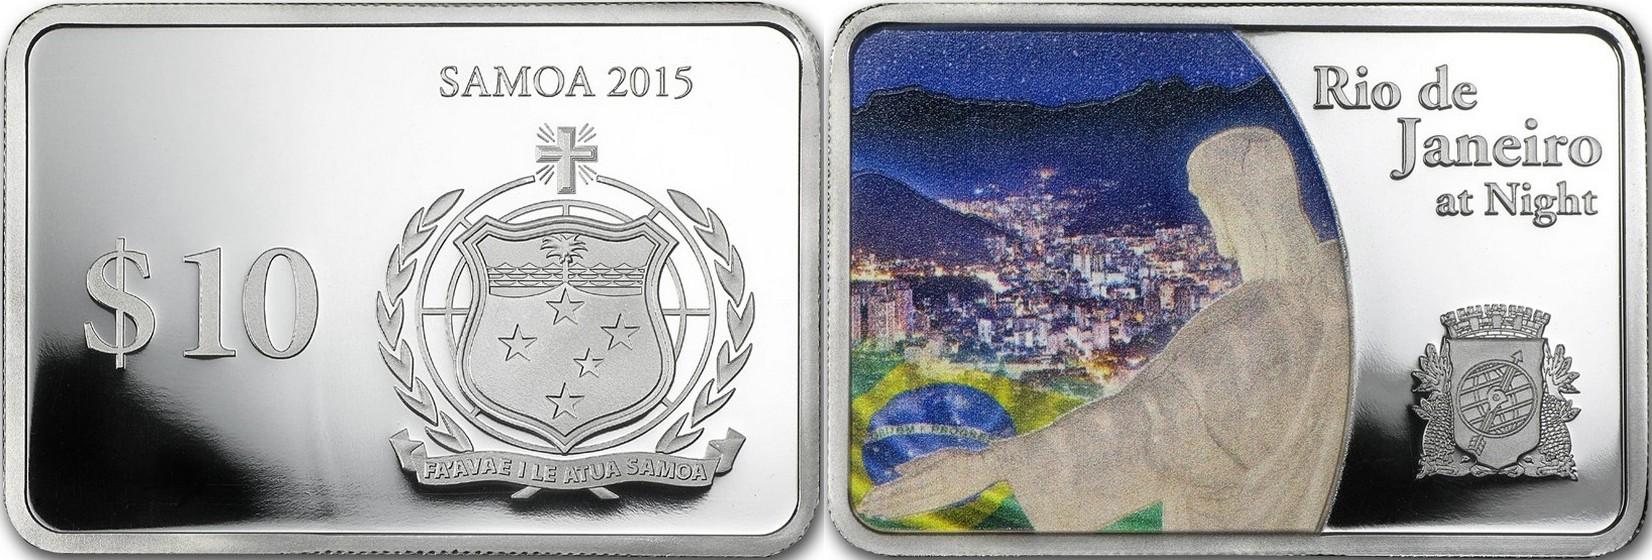 samoa 2015 villes la nuit rio